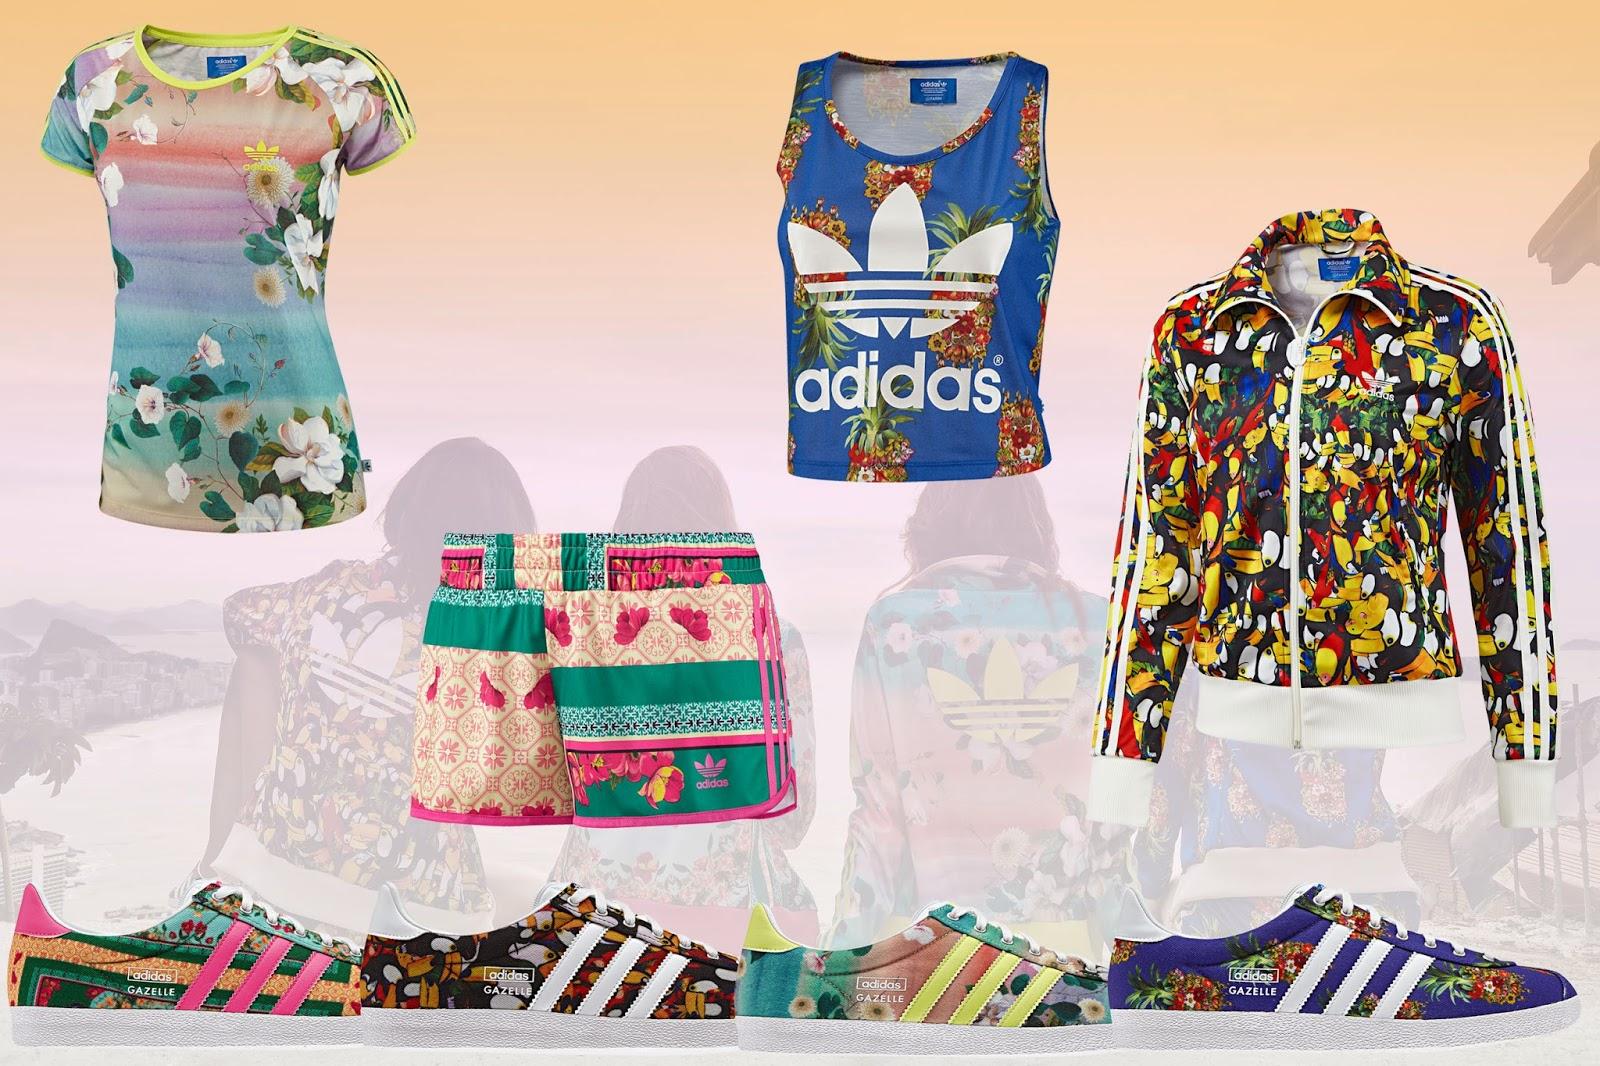 adidas_Originals_Farm_SS14_003 copi